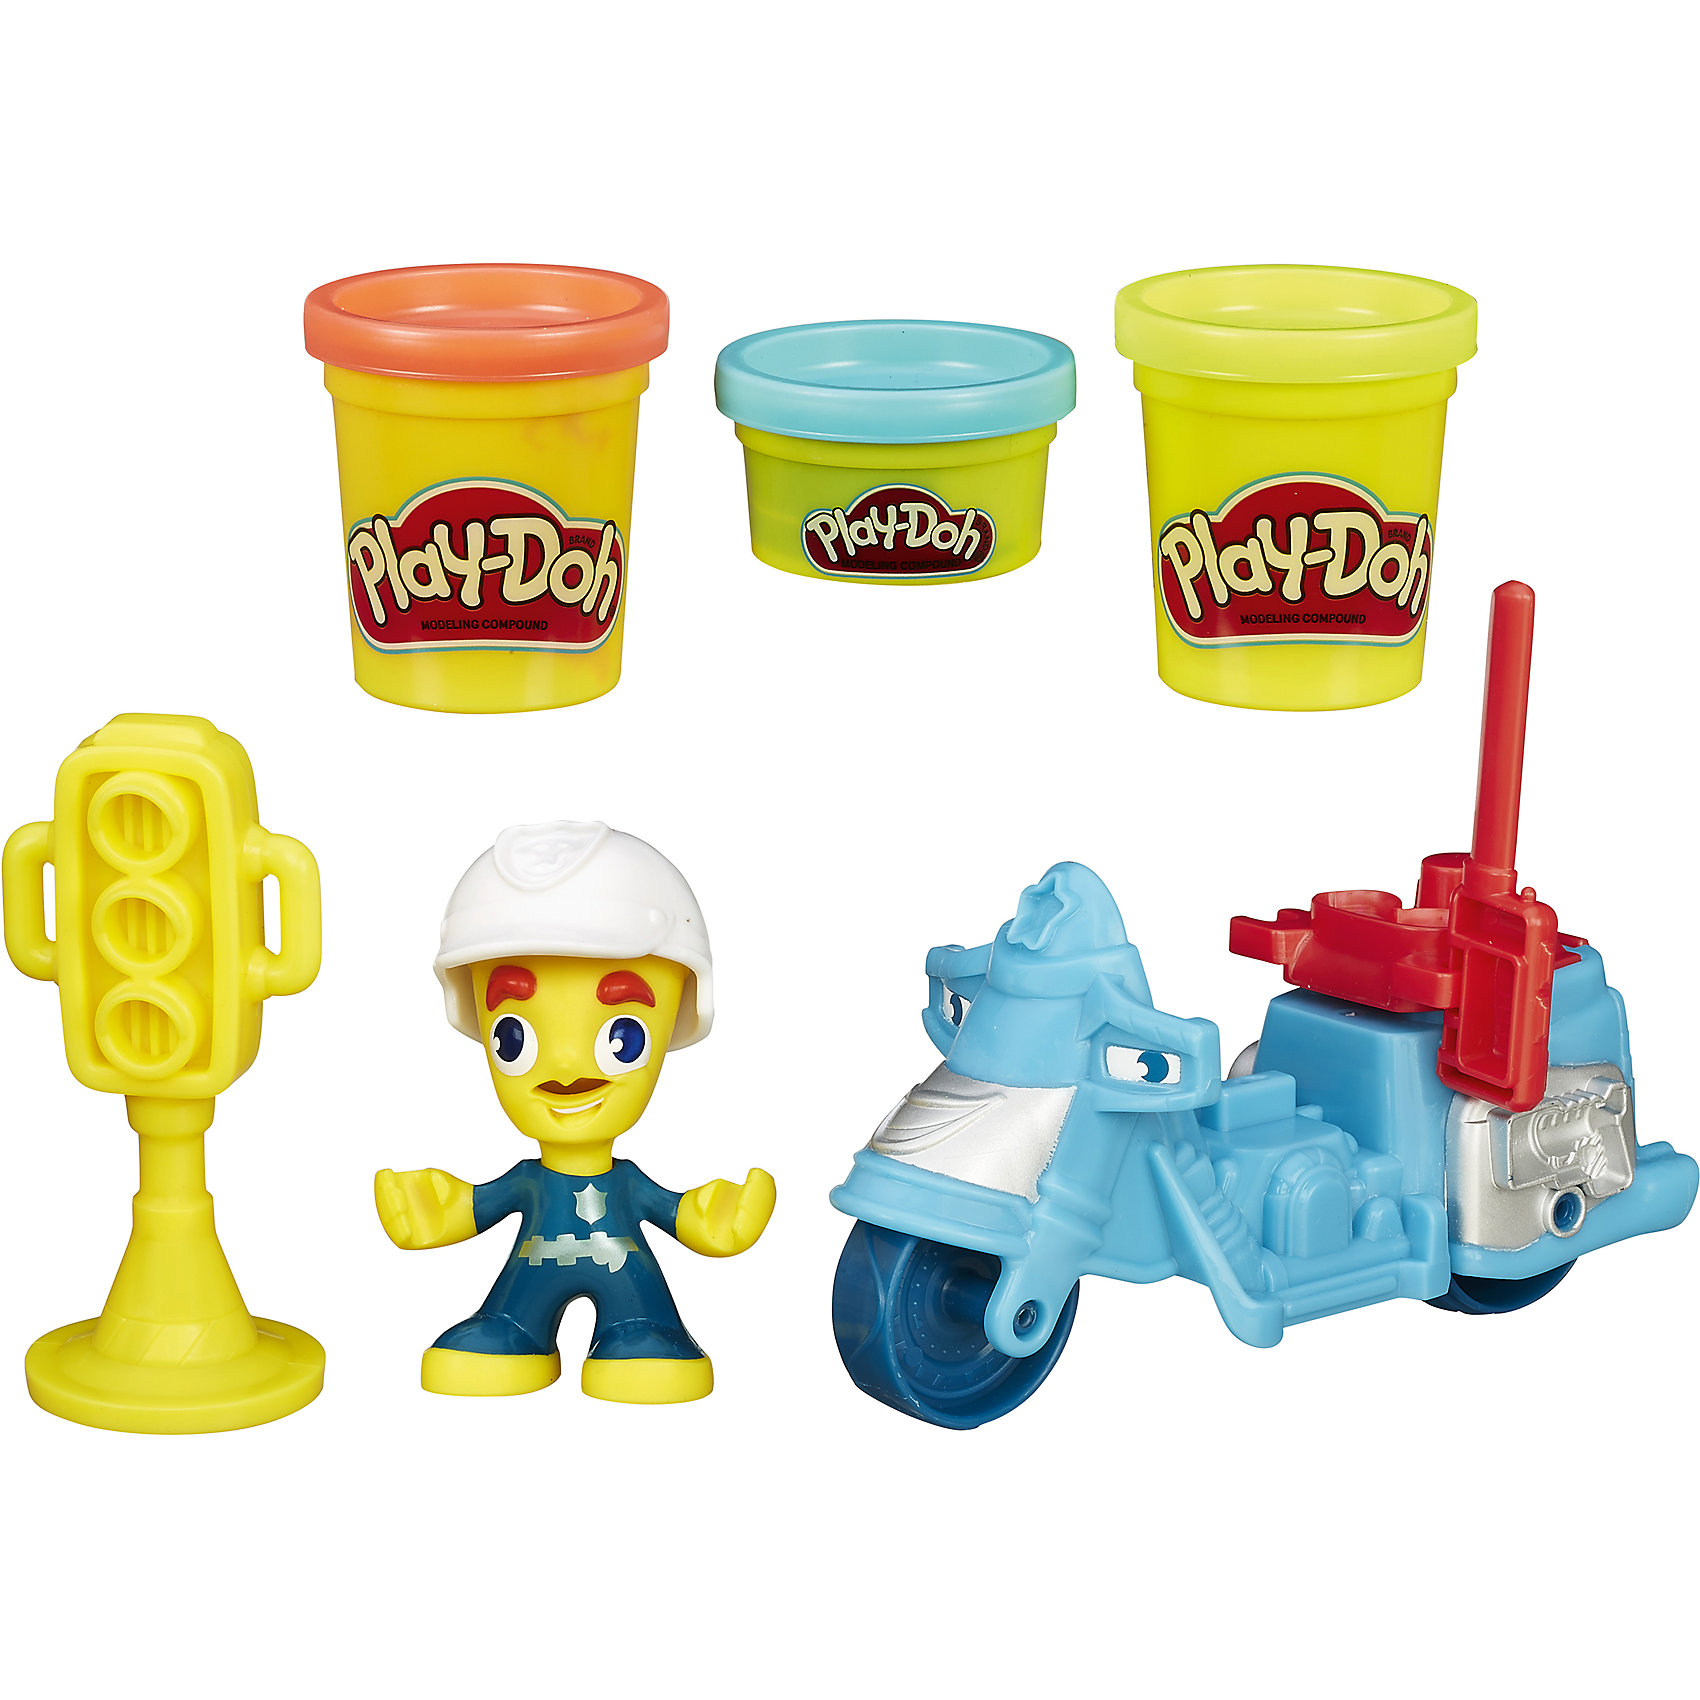 Hasbro Игровой набор Транспортные средства, Play-Doh Город, B5959/B5975